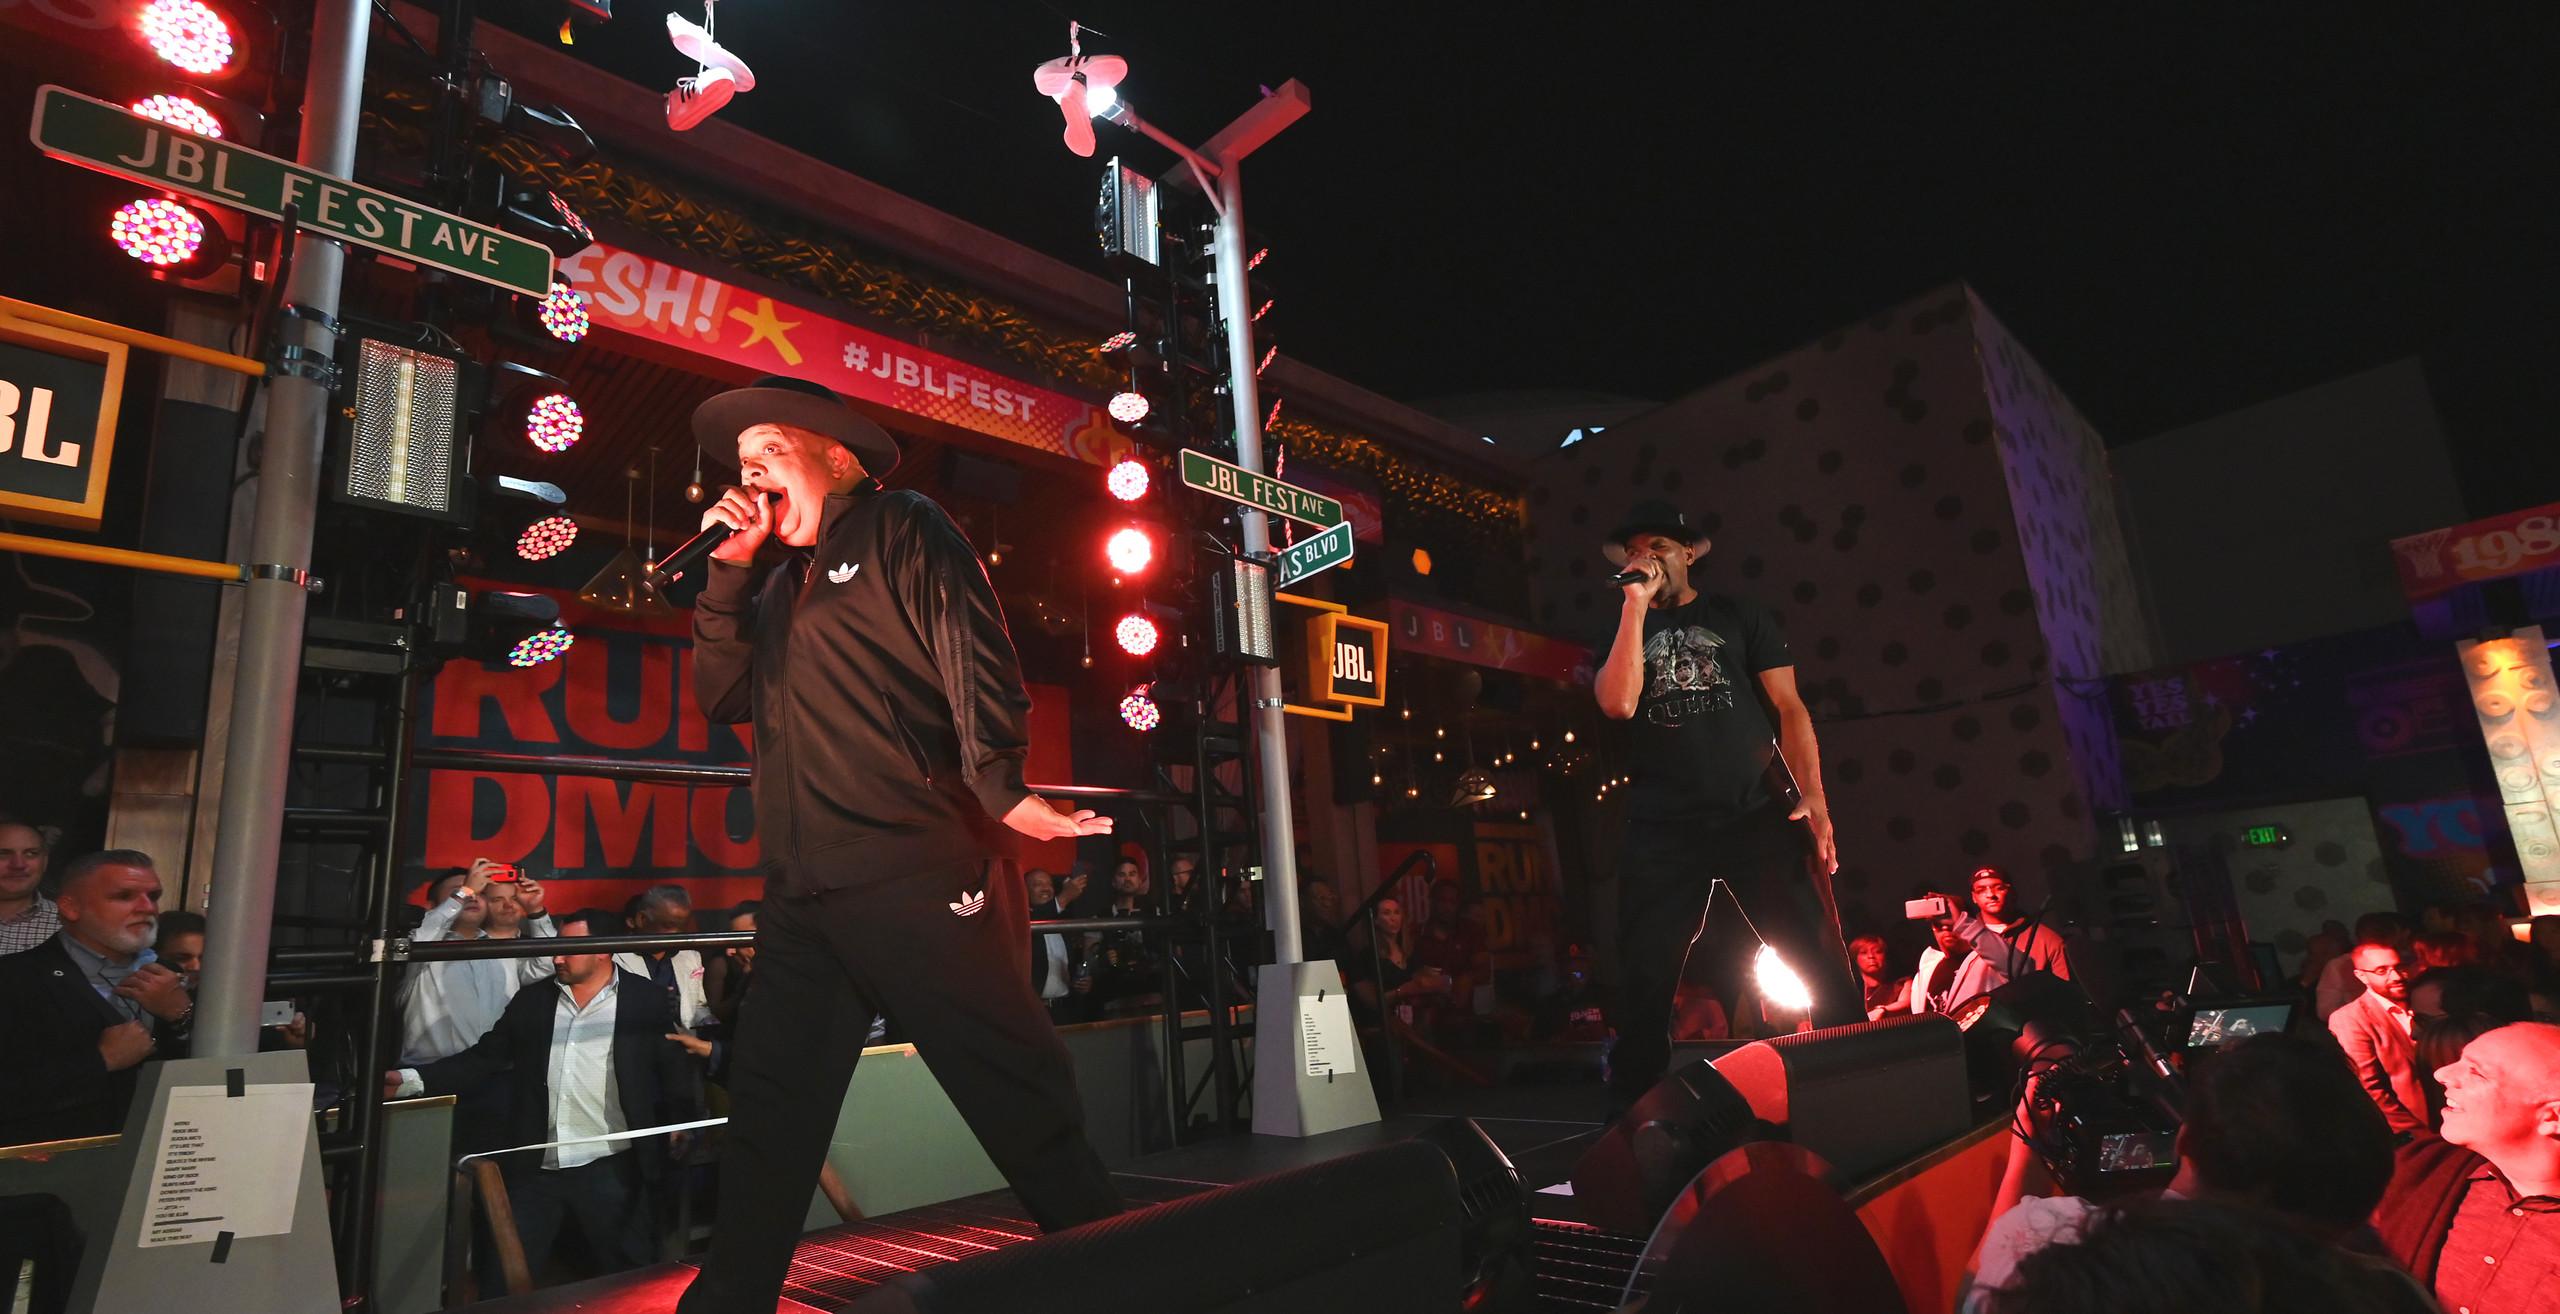 Run DMC JBL Fest Omnia Las Vegas